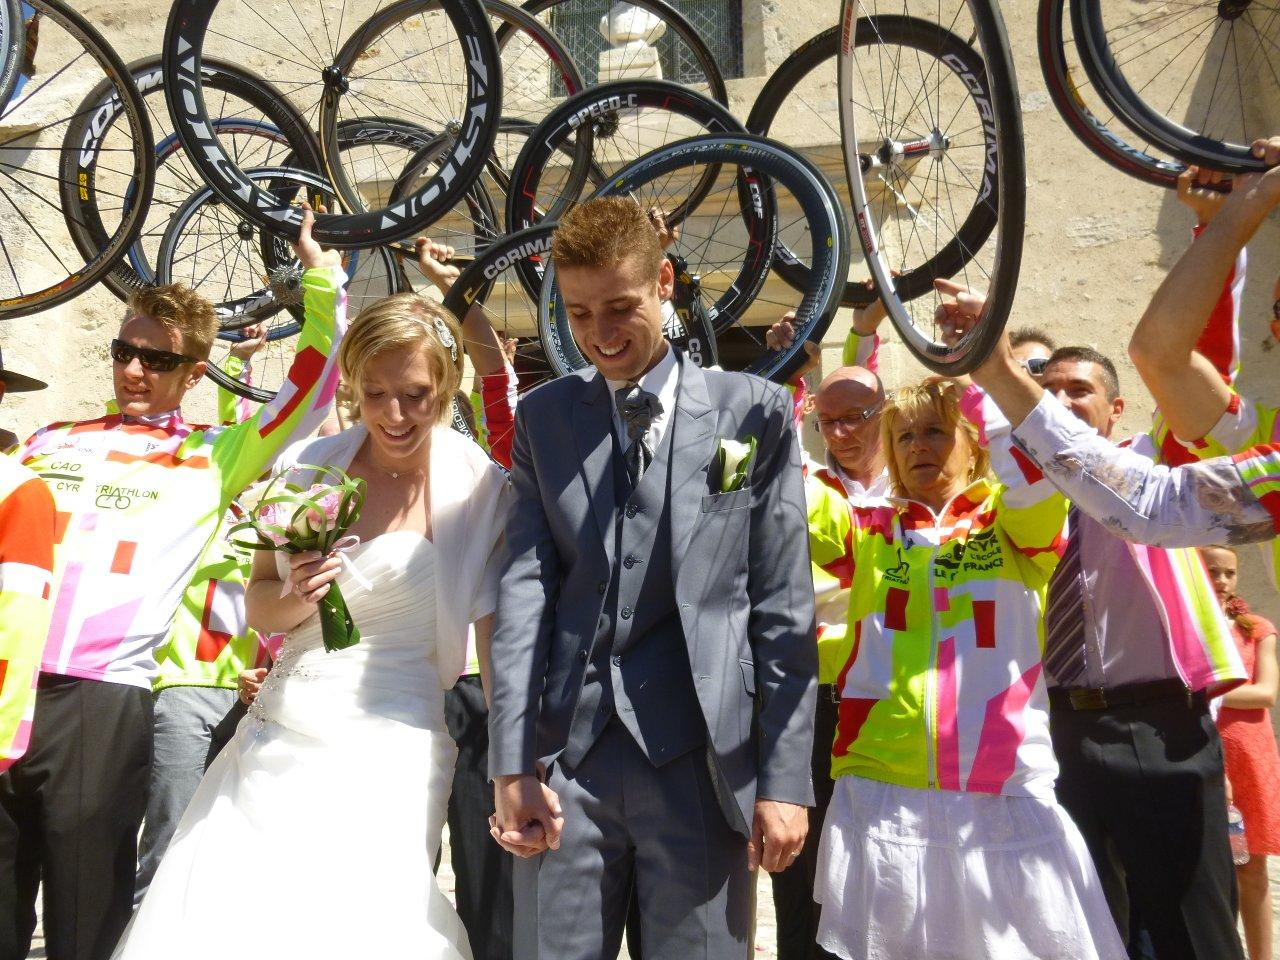 Le mariage de Coralie en rose et vert